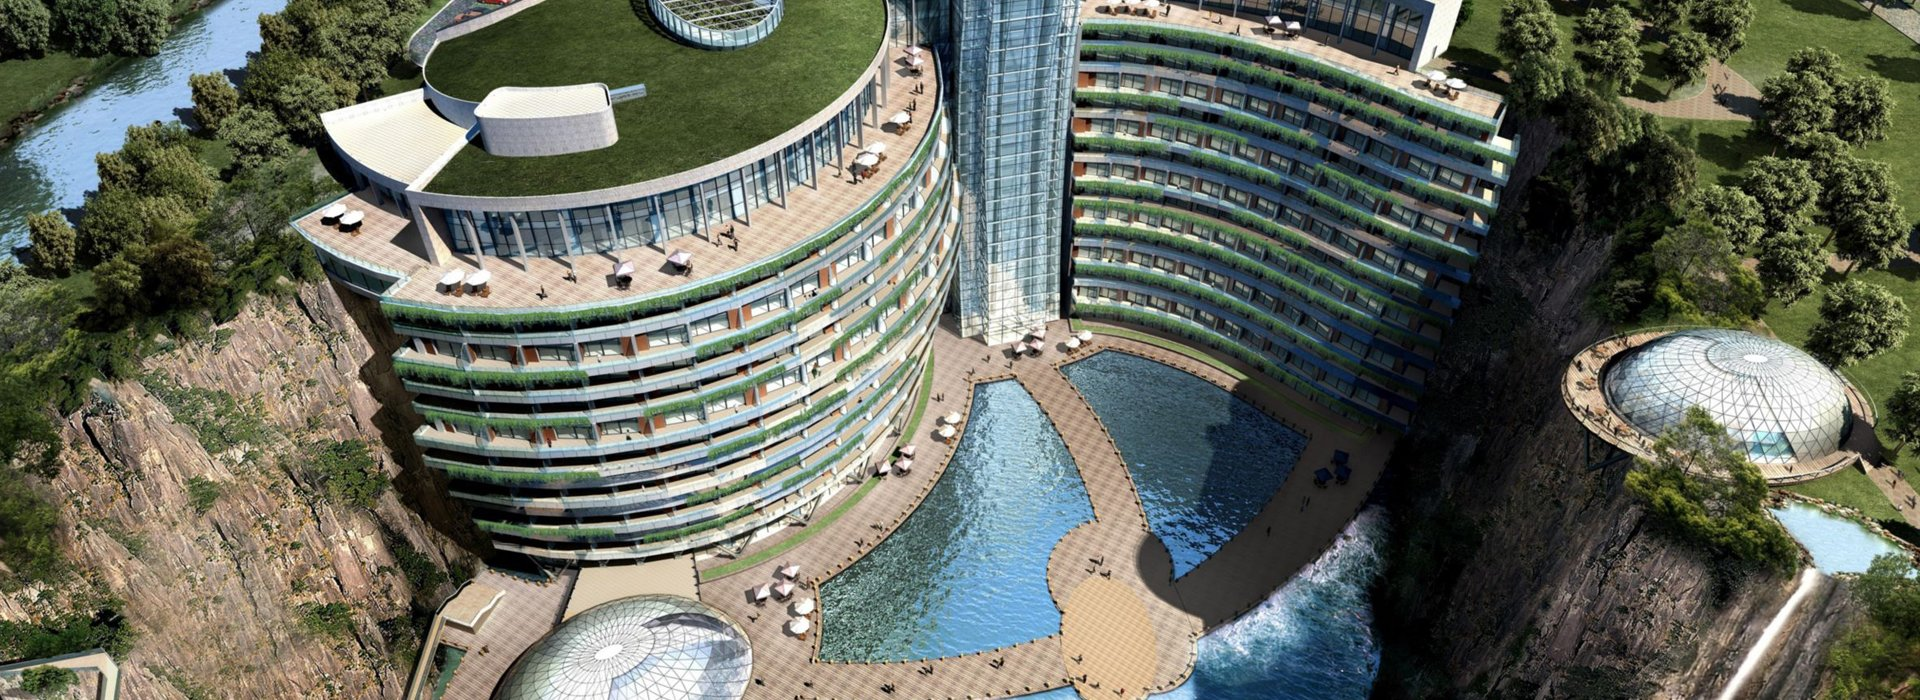 Hotel a föld felszíne alatt